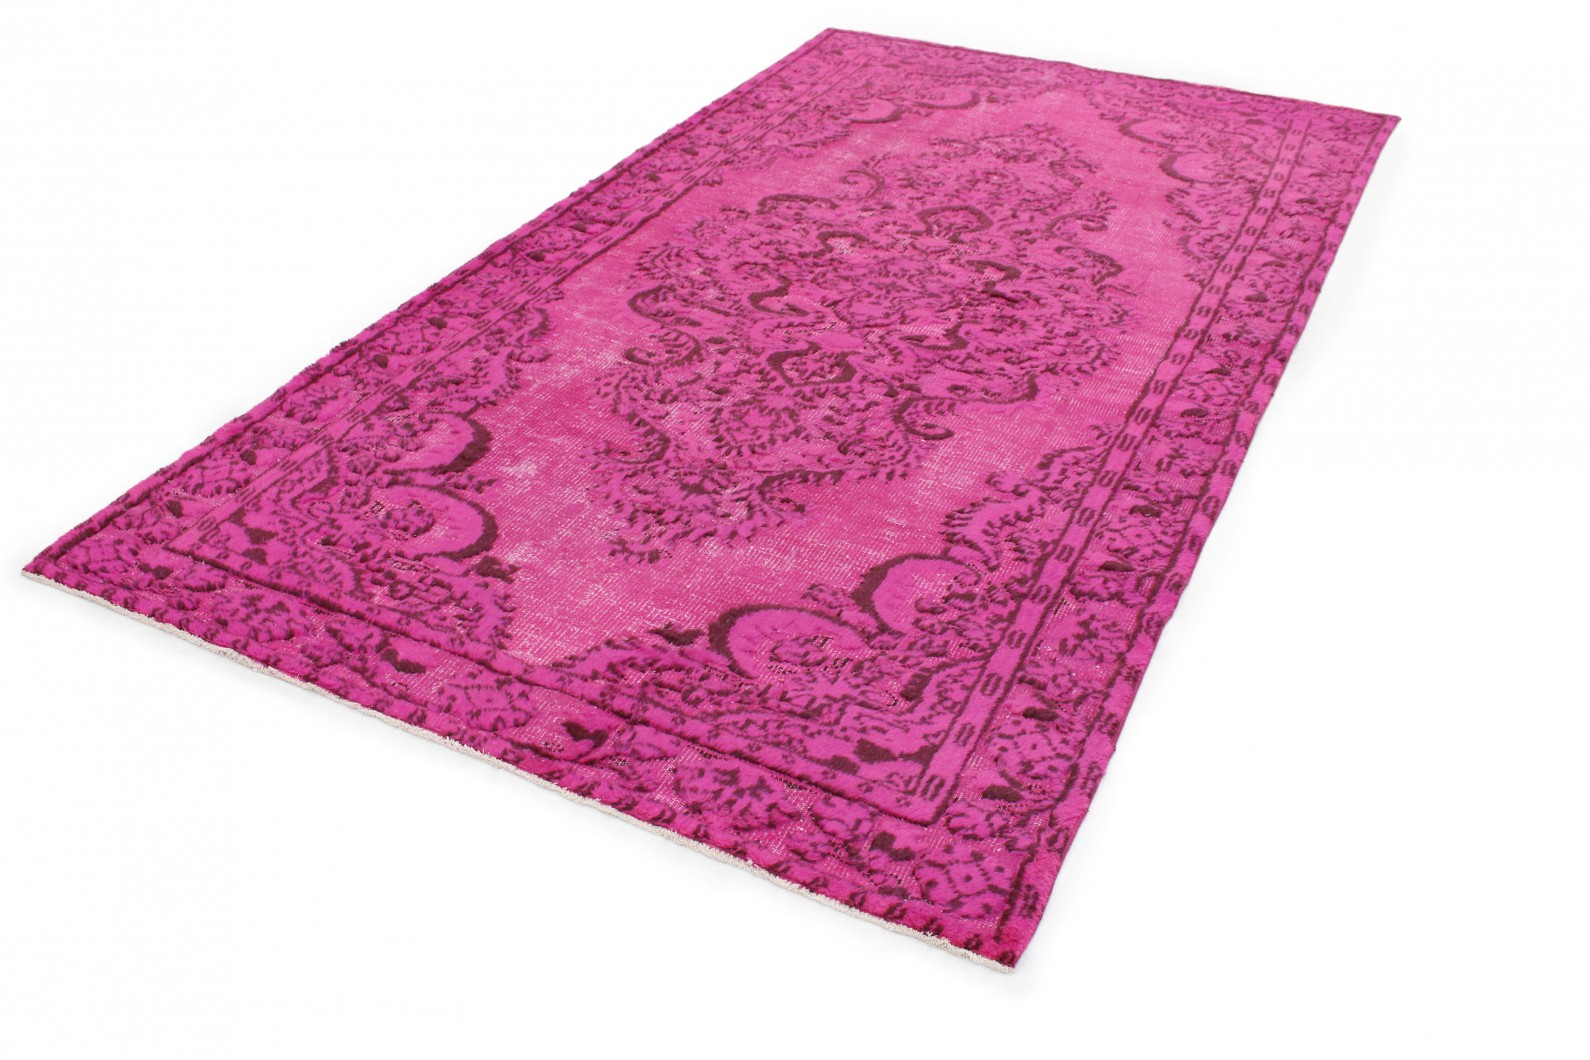 Teppich pink  Vintage Teppich 3D-Look Pink in 310x170 (1011-6021) - carpetido.de